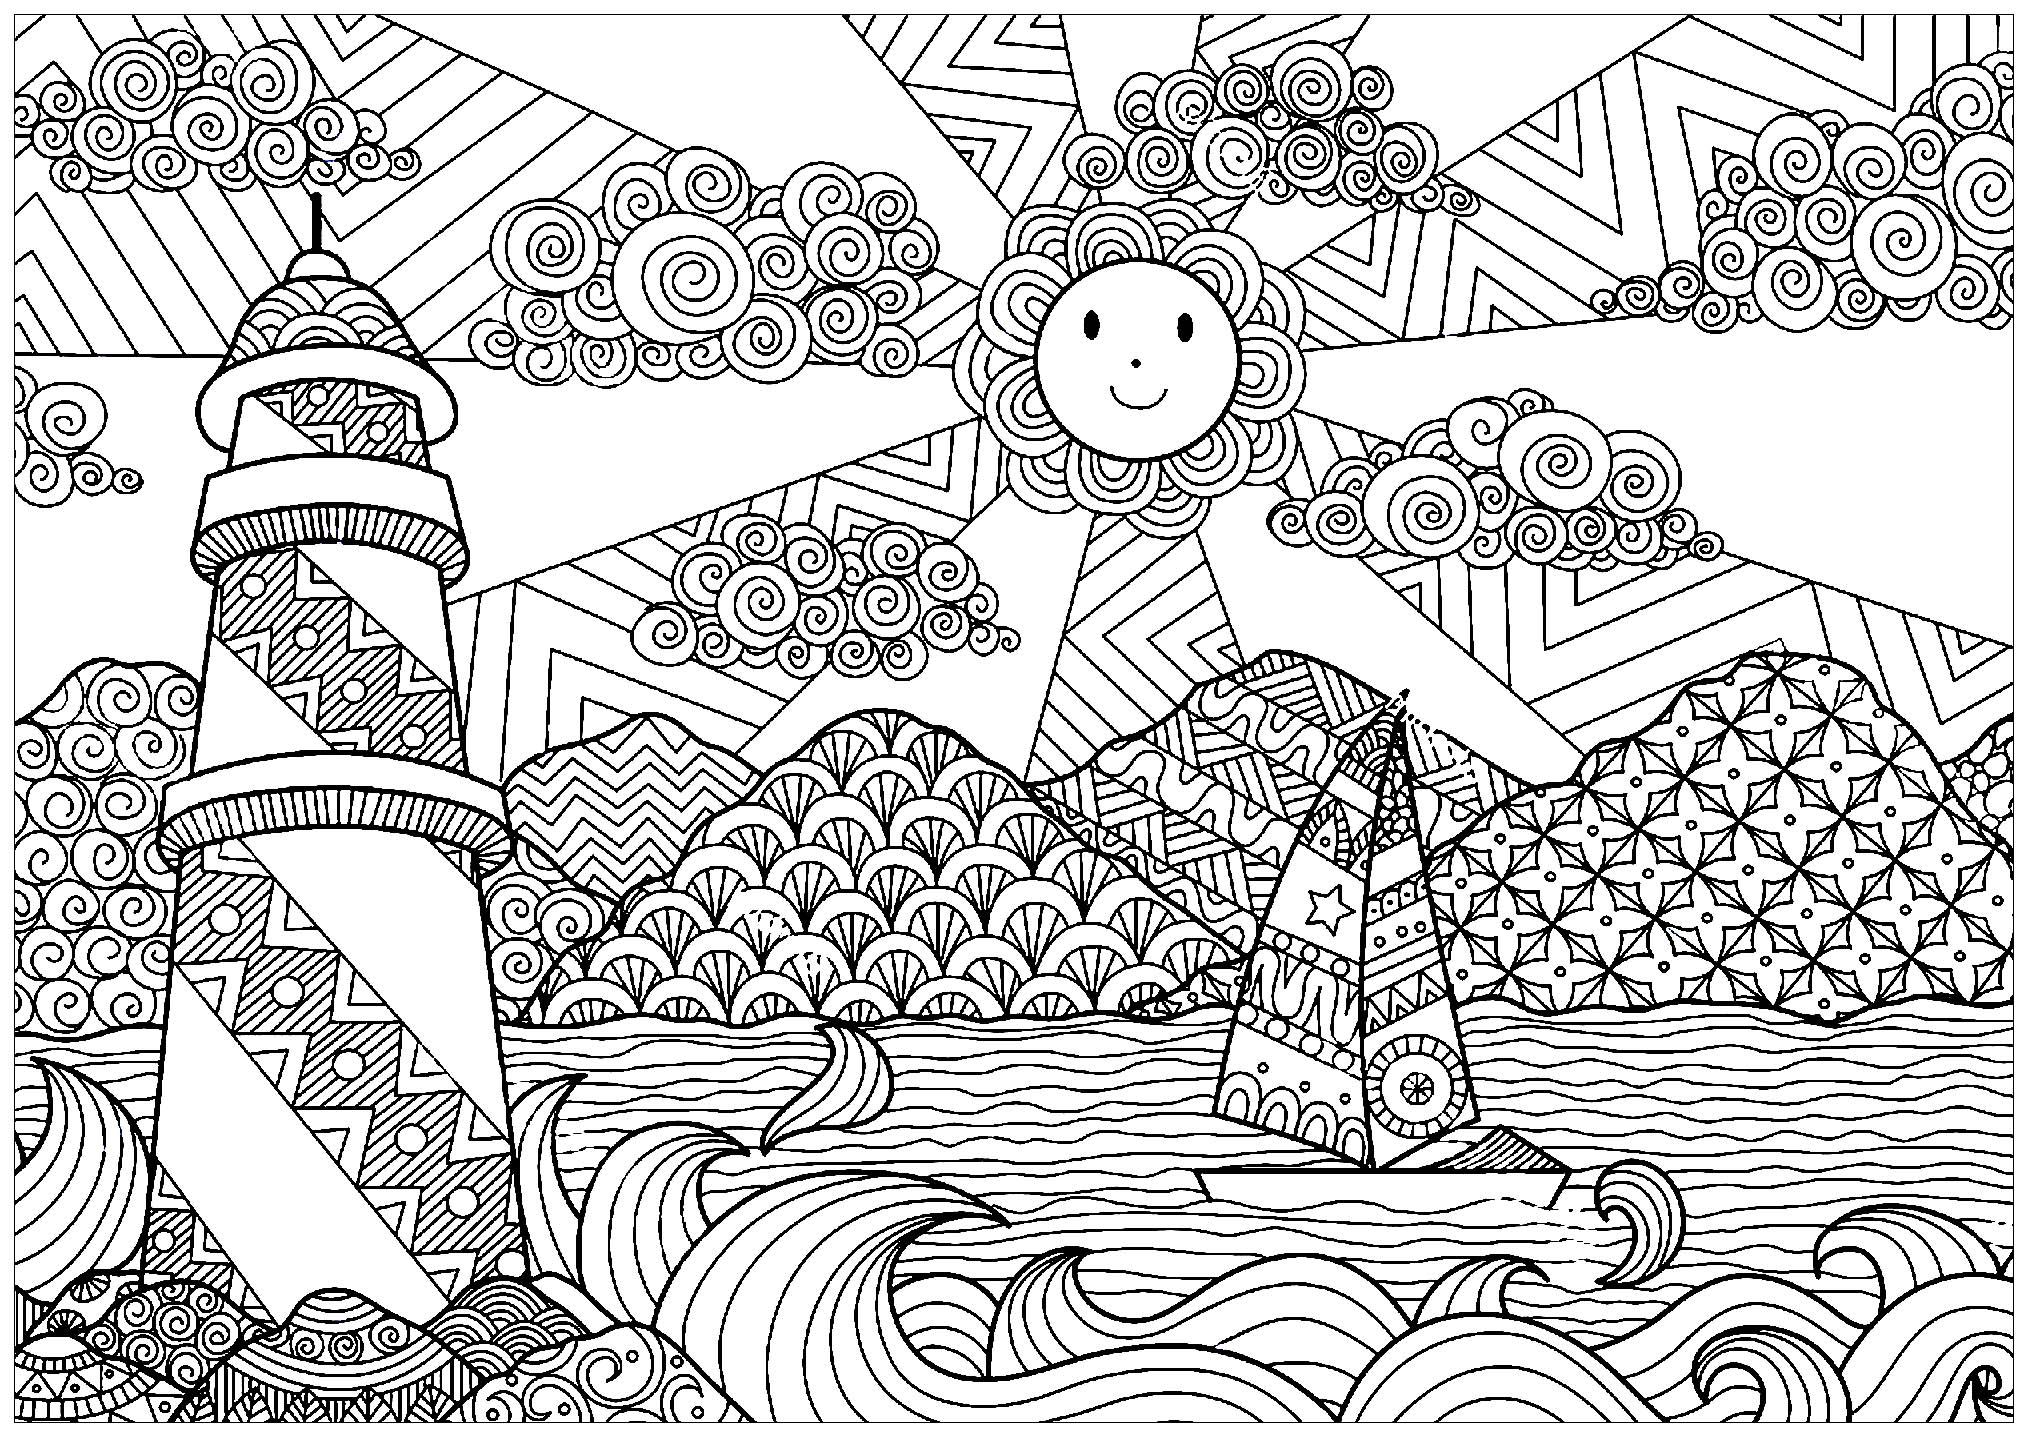 Paysage marin avec phare et soleil paysages coloriages - Dessin a colorier paysage ...